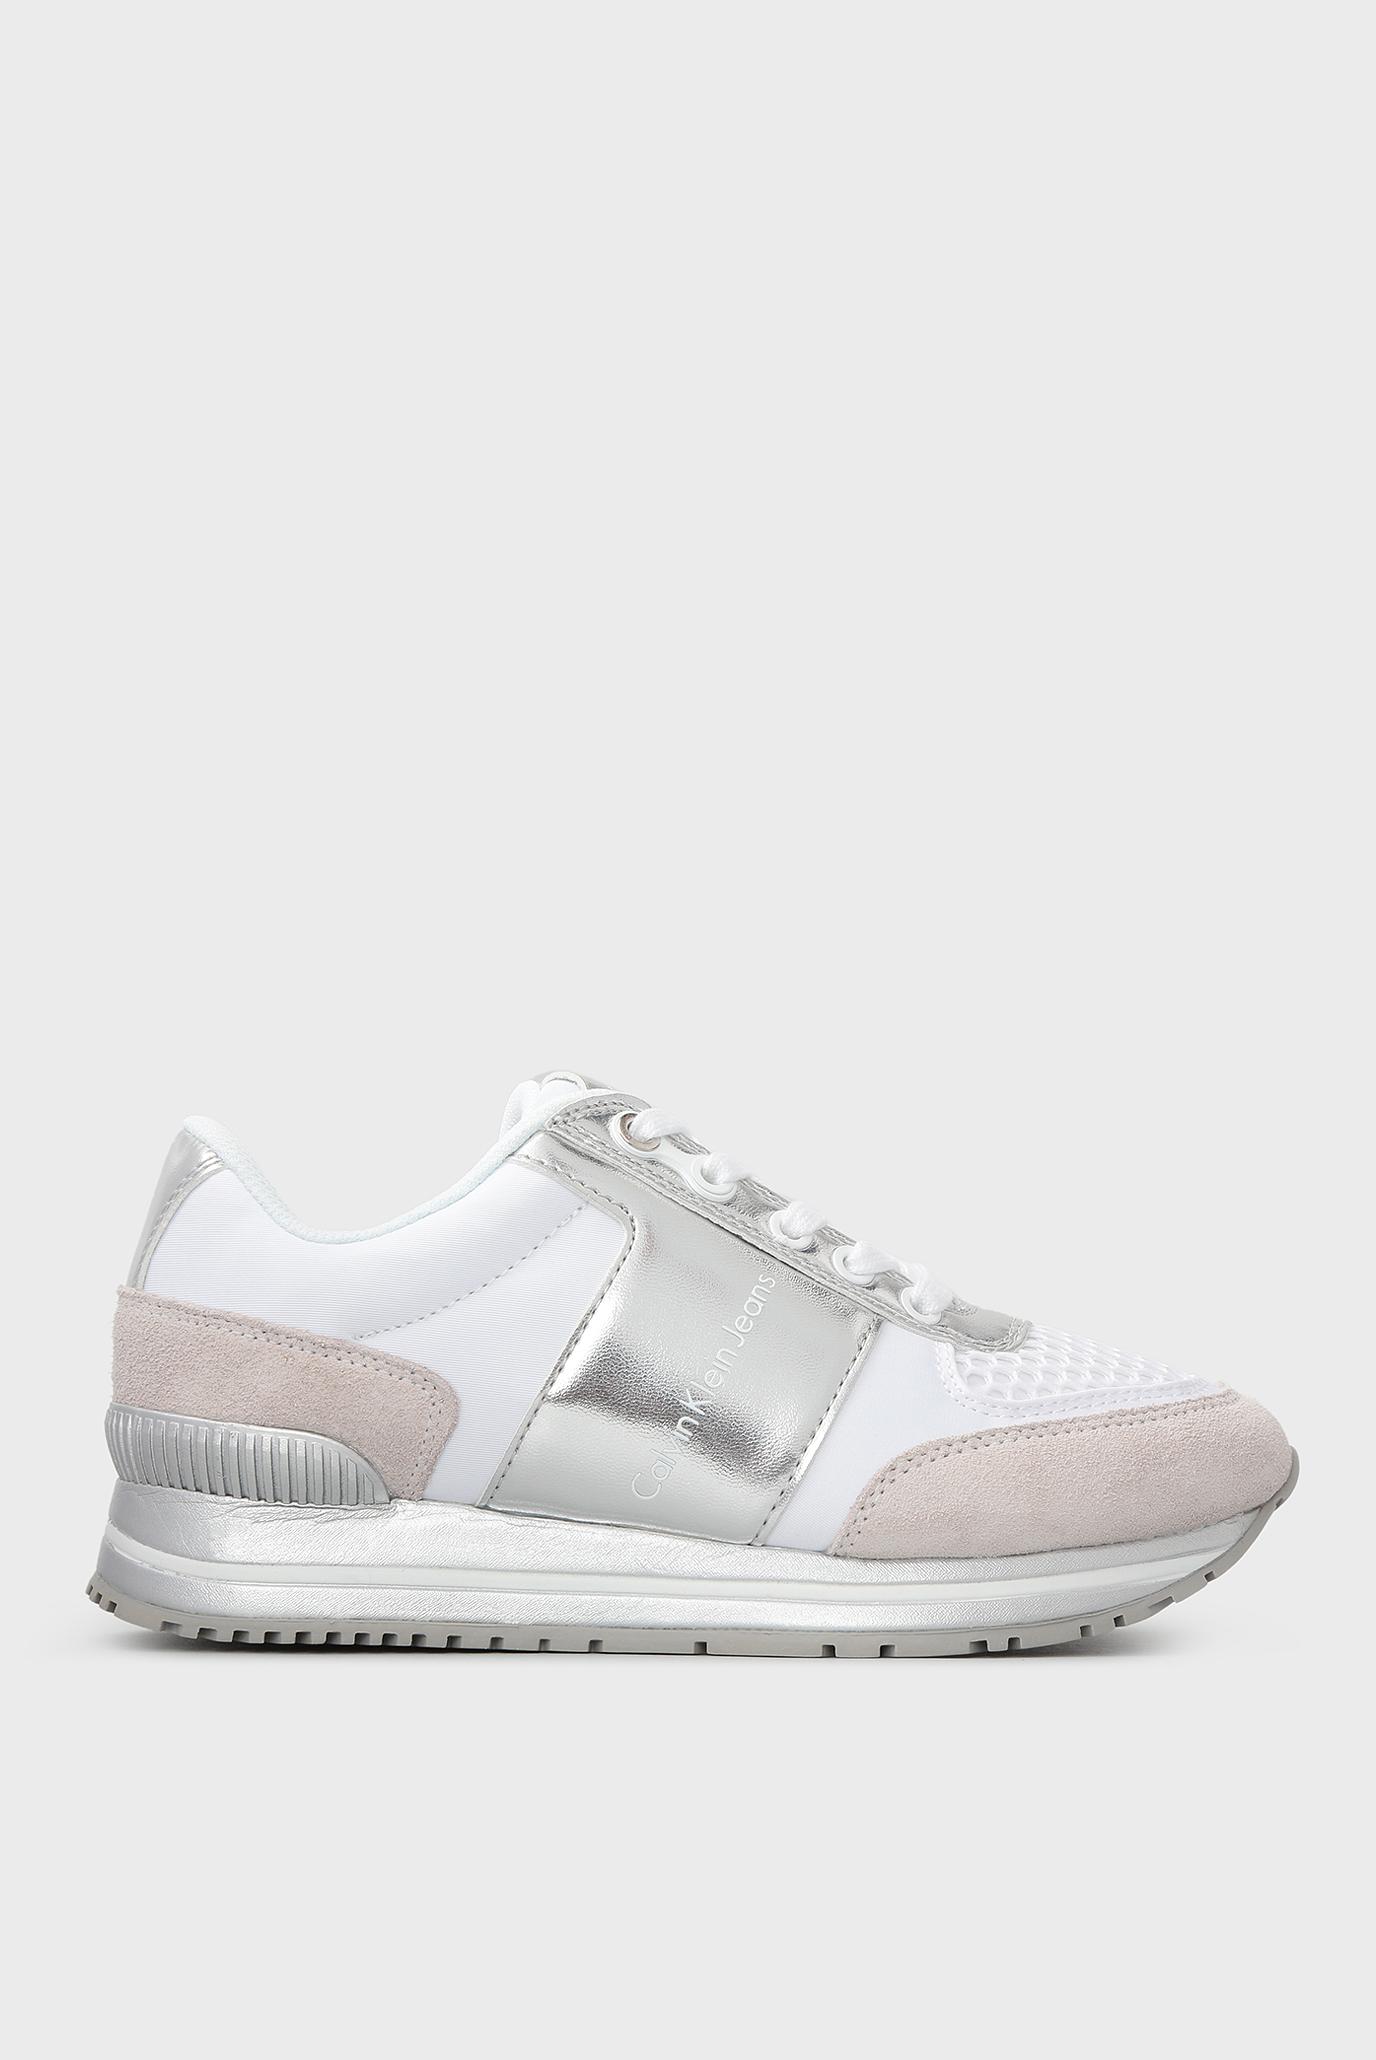 Купить Женские белые кроссовки Calvin Klein Calvin Klein R0651 – Киев fefa4dc5135bd